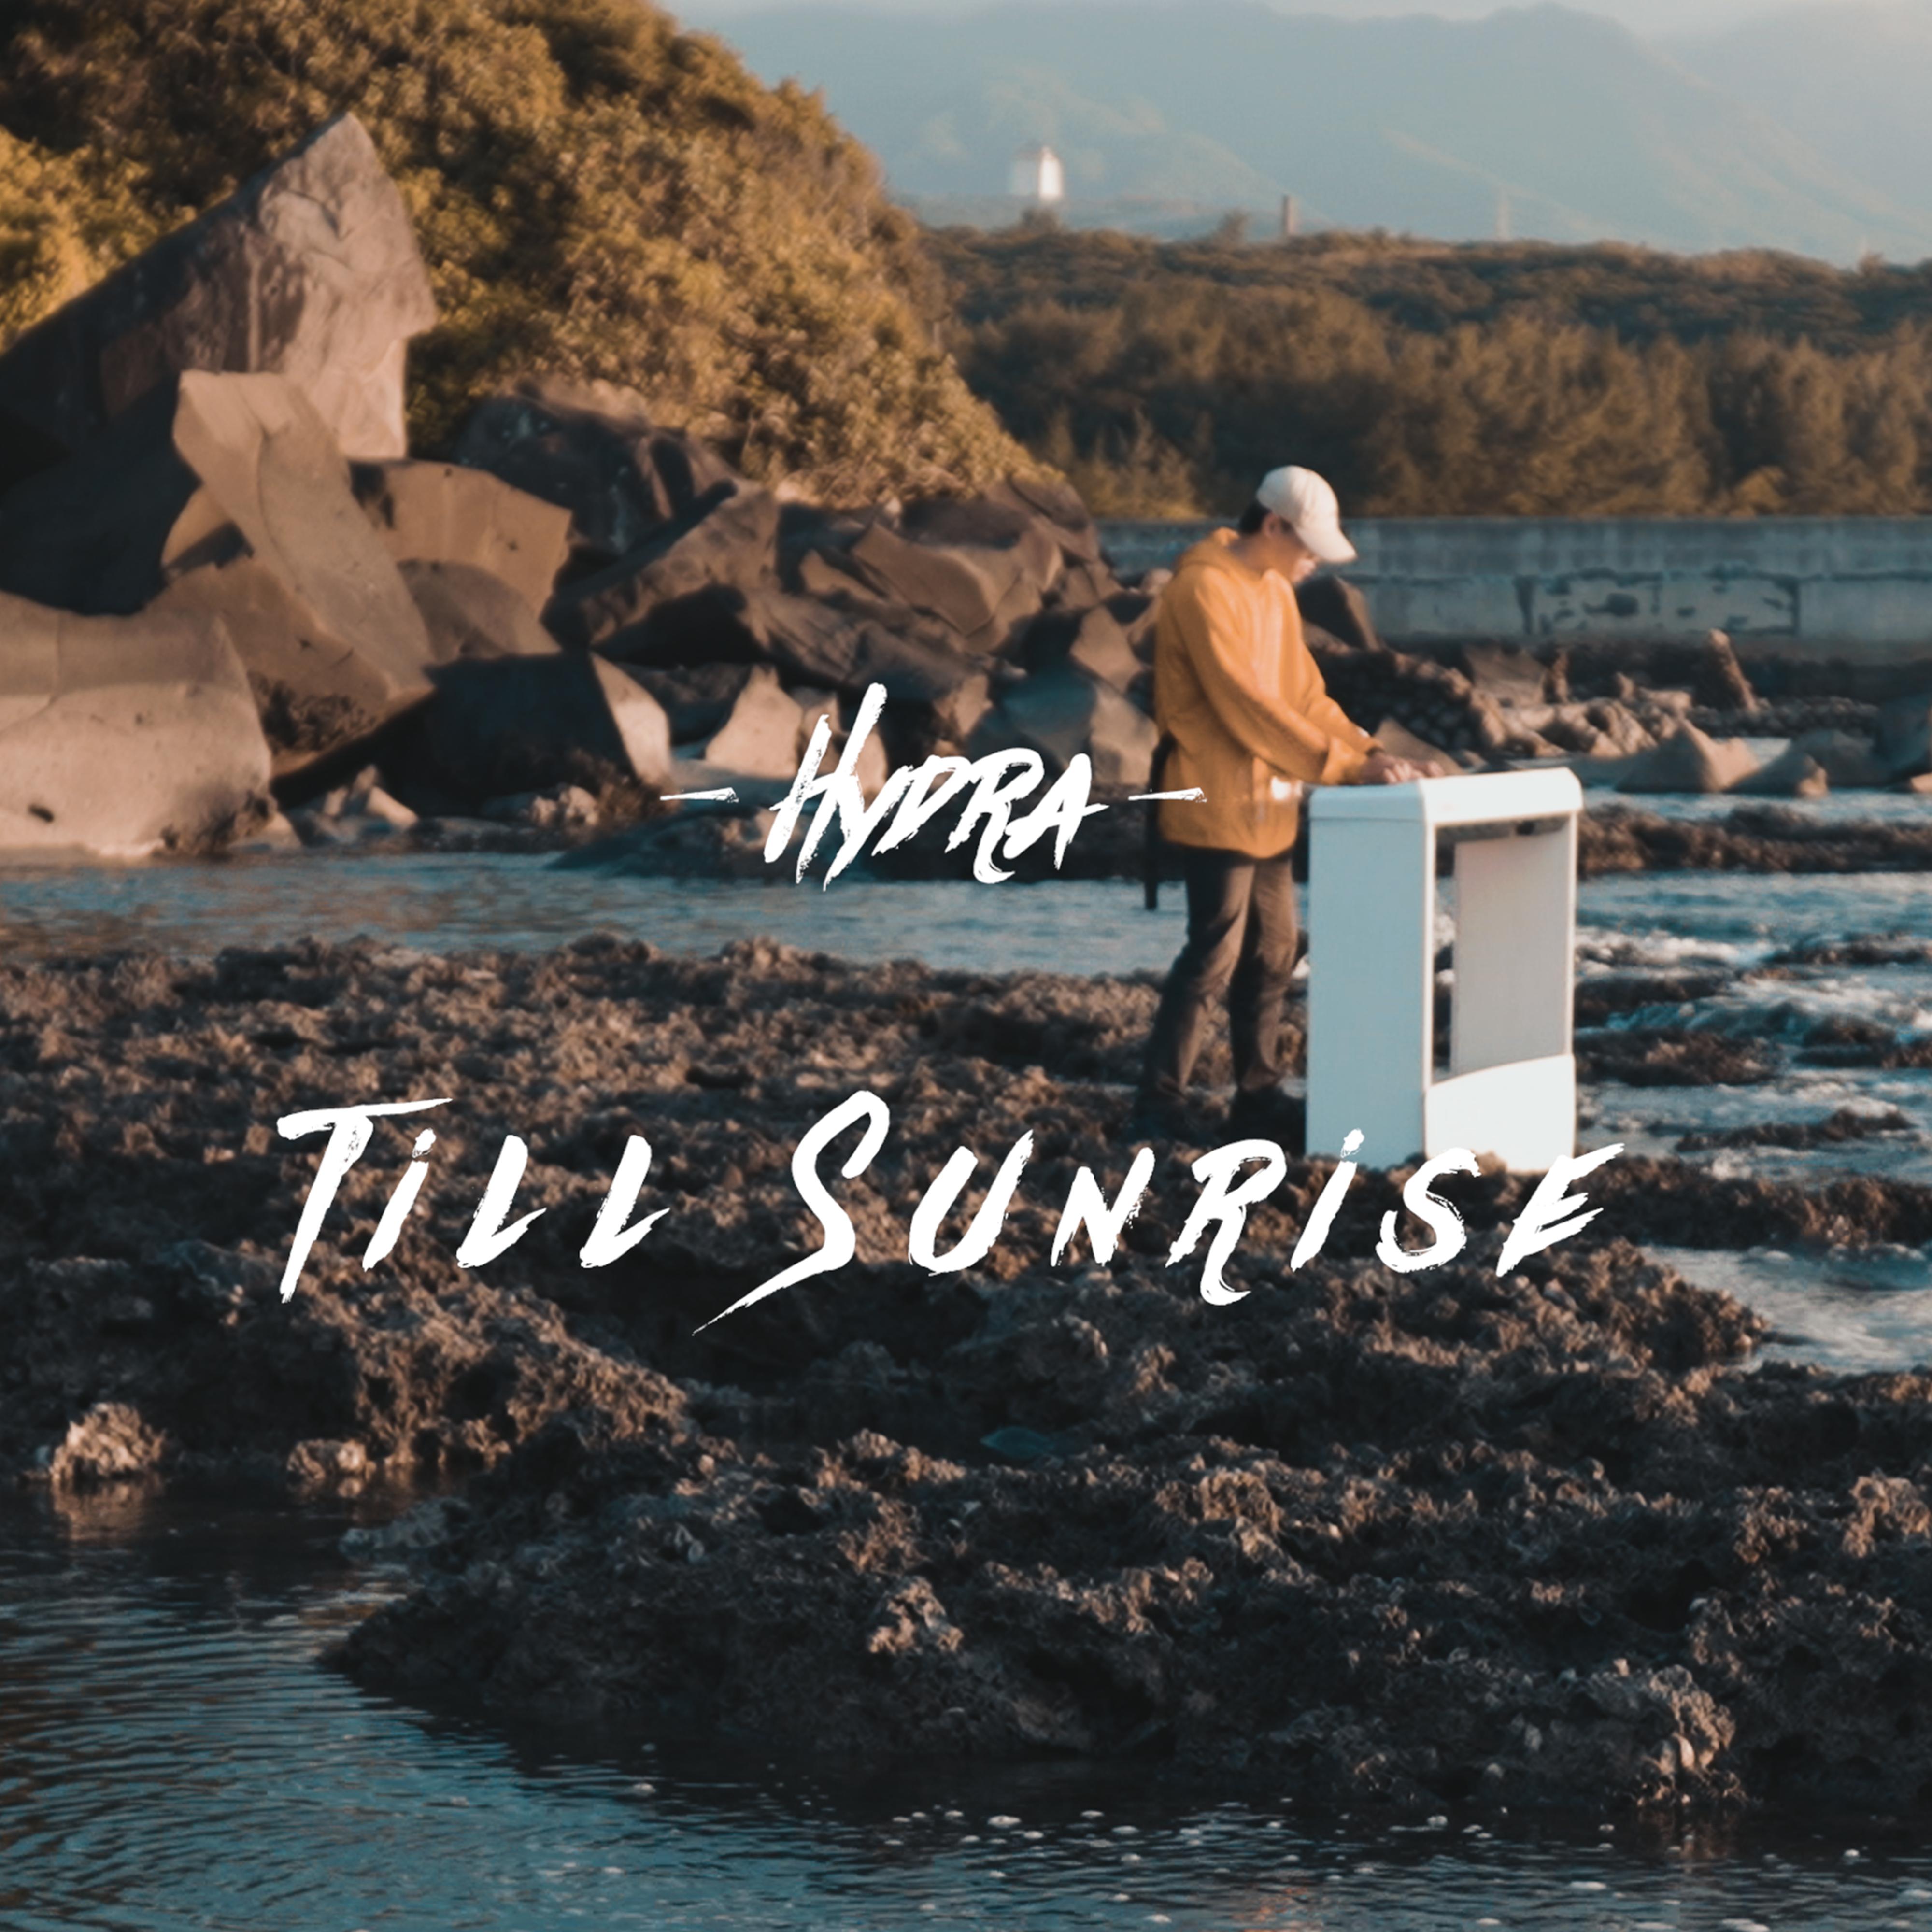 海爪《Till Sunrise》_單曲封面